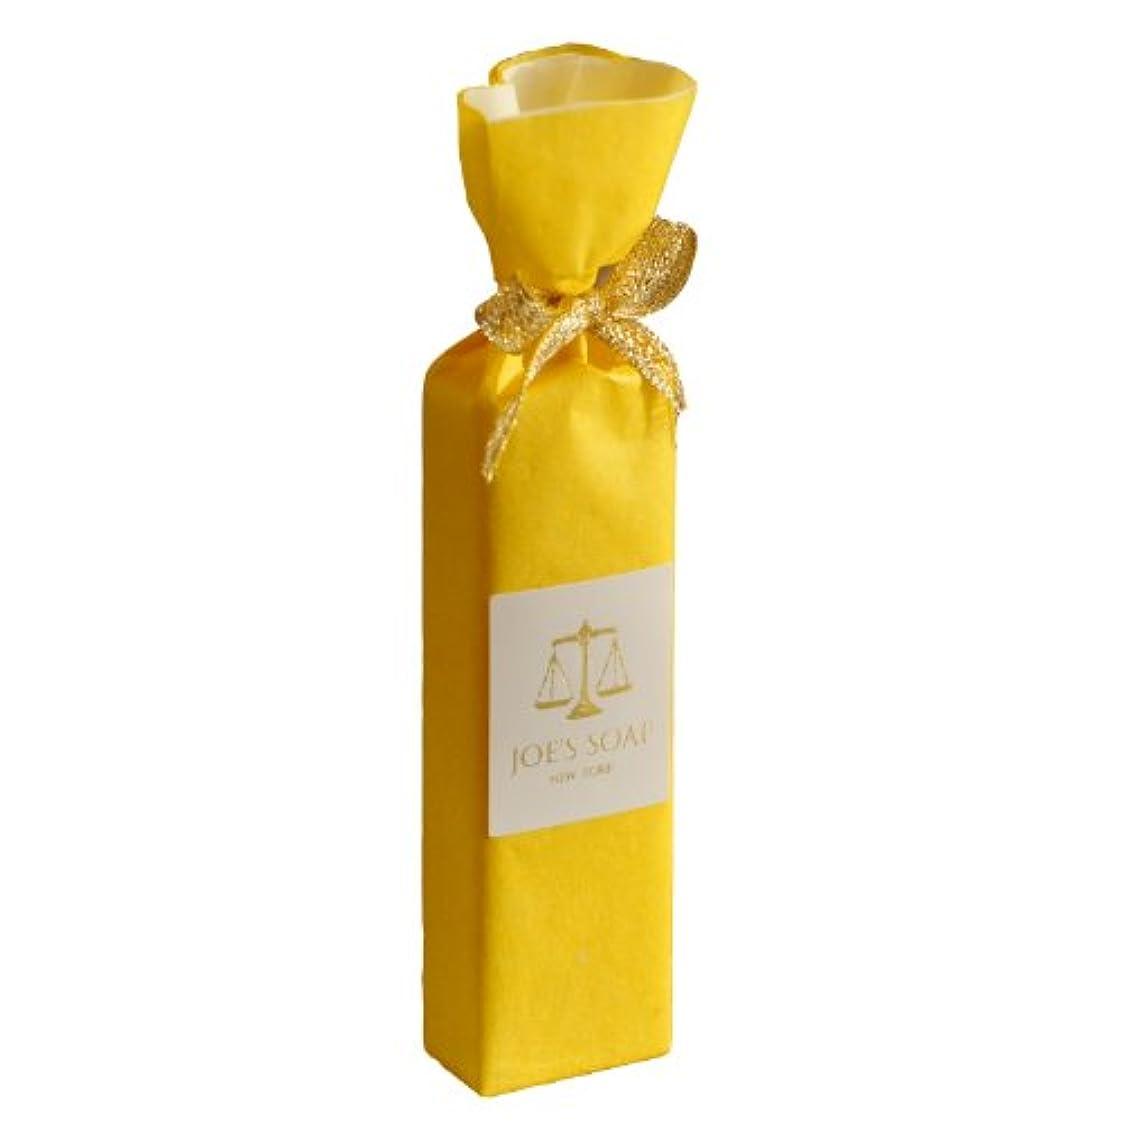 ペナルティおもしろい知人JOE'S SOAP ジョーズソープ オリーブソープ NO.6 CHAMOMILE カモミール 20g トライアル お試し無添加 オーガニック 石鹸 洗顔 保湿